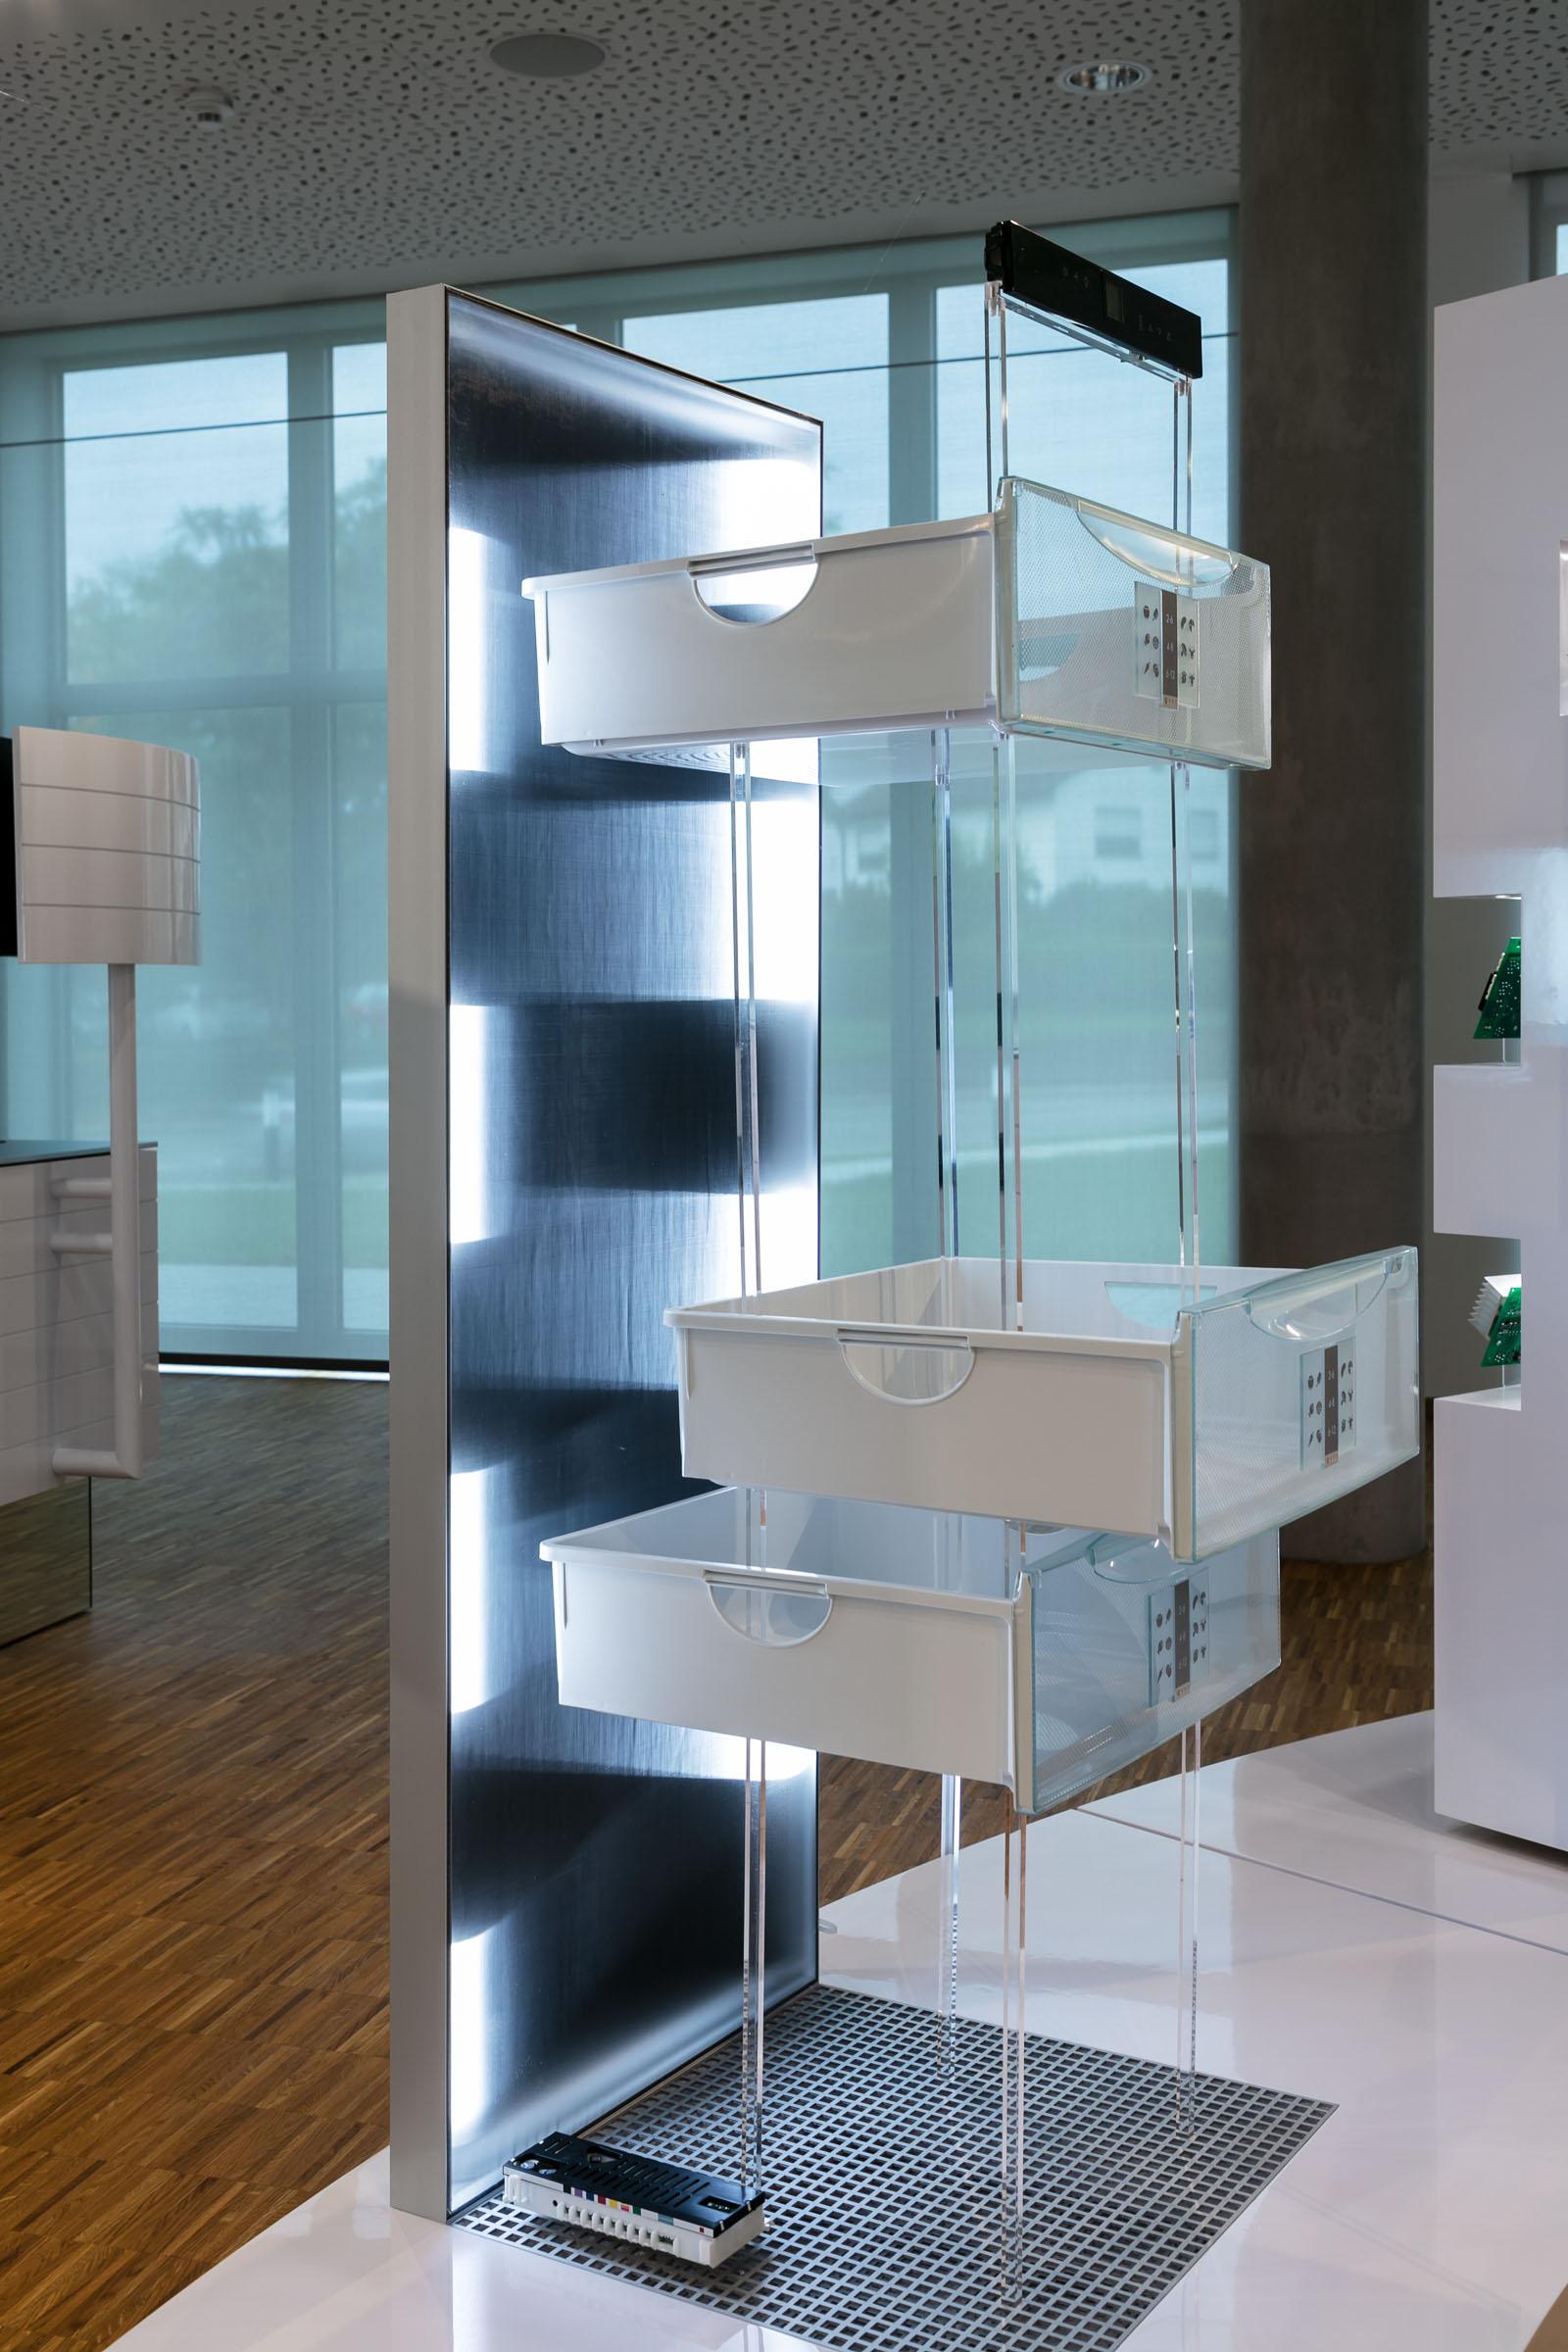 Alurahmen mit lichttechnischen Textilien im Showroom von E.G.O.